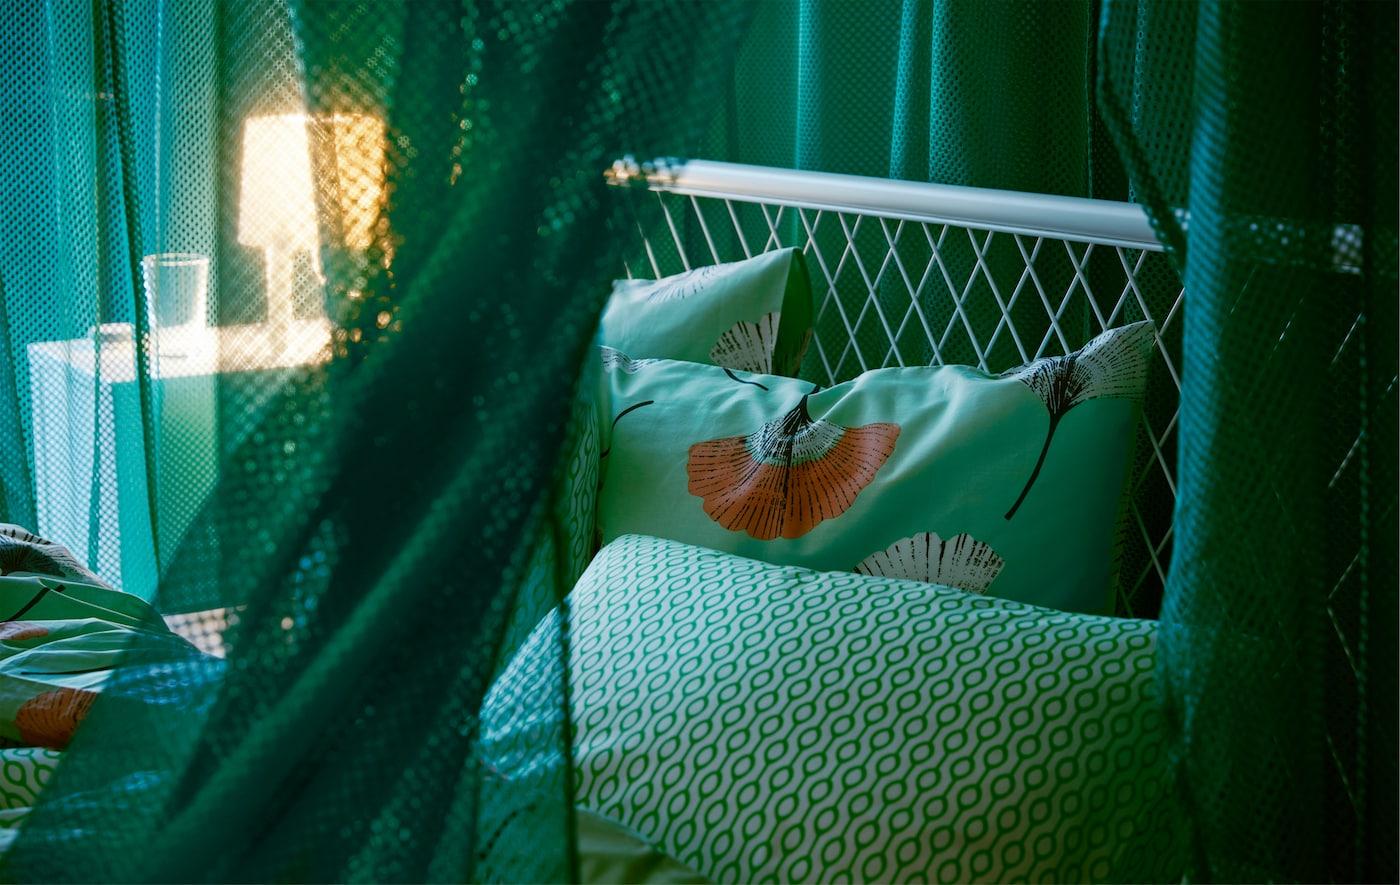 ドレープを寄せたIKEA GRÅTISTEL/グローティステル ネットカーテン(グリーン)で、かすかに光を通しながら、部屋の中に小部屋ができたような効果をもたらします。